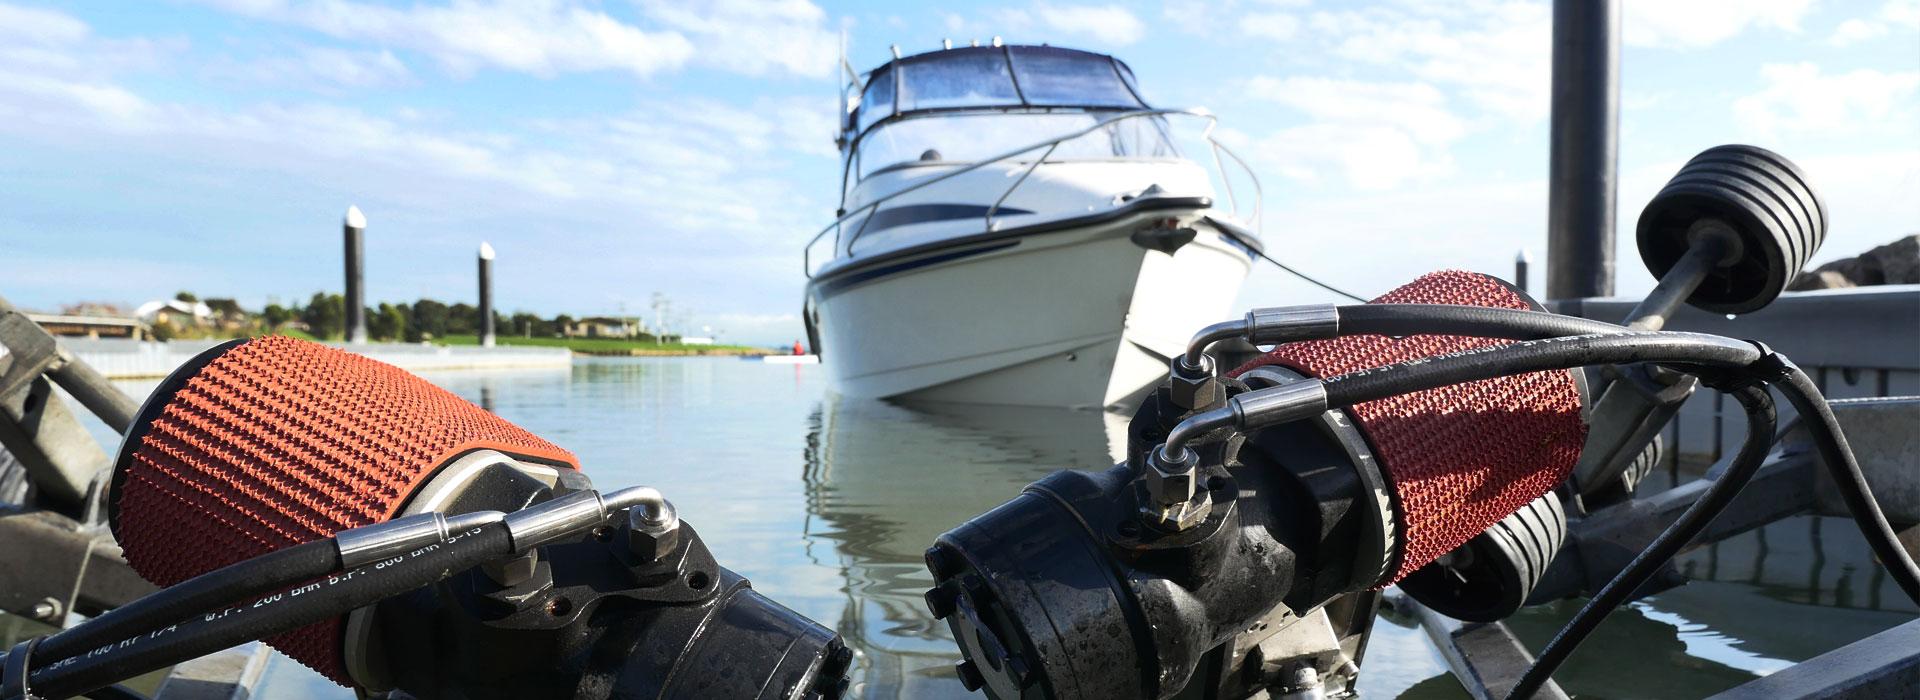 Balex Marine